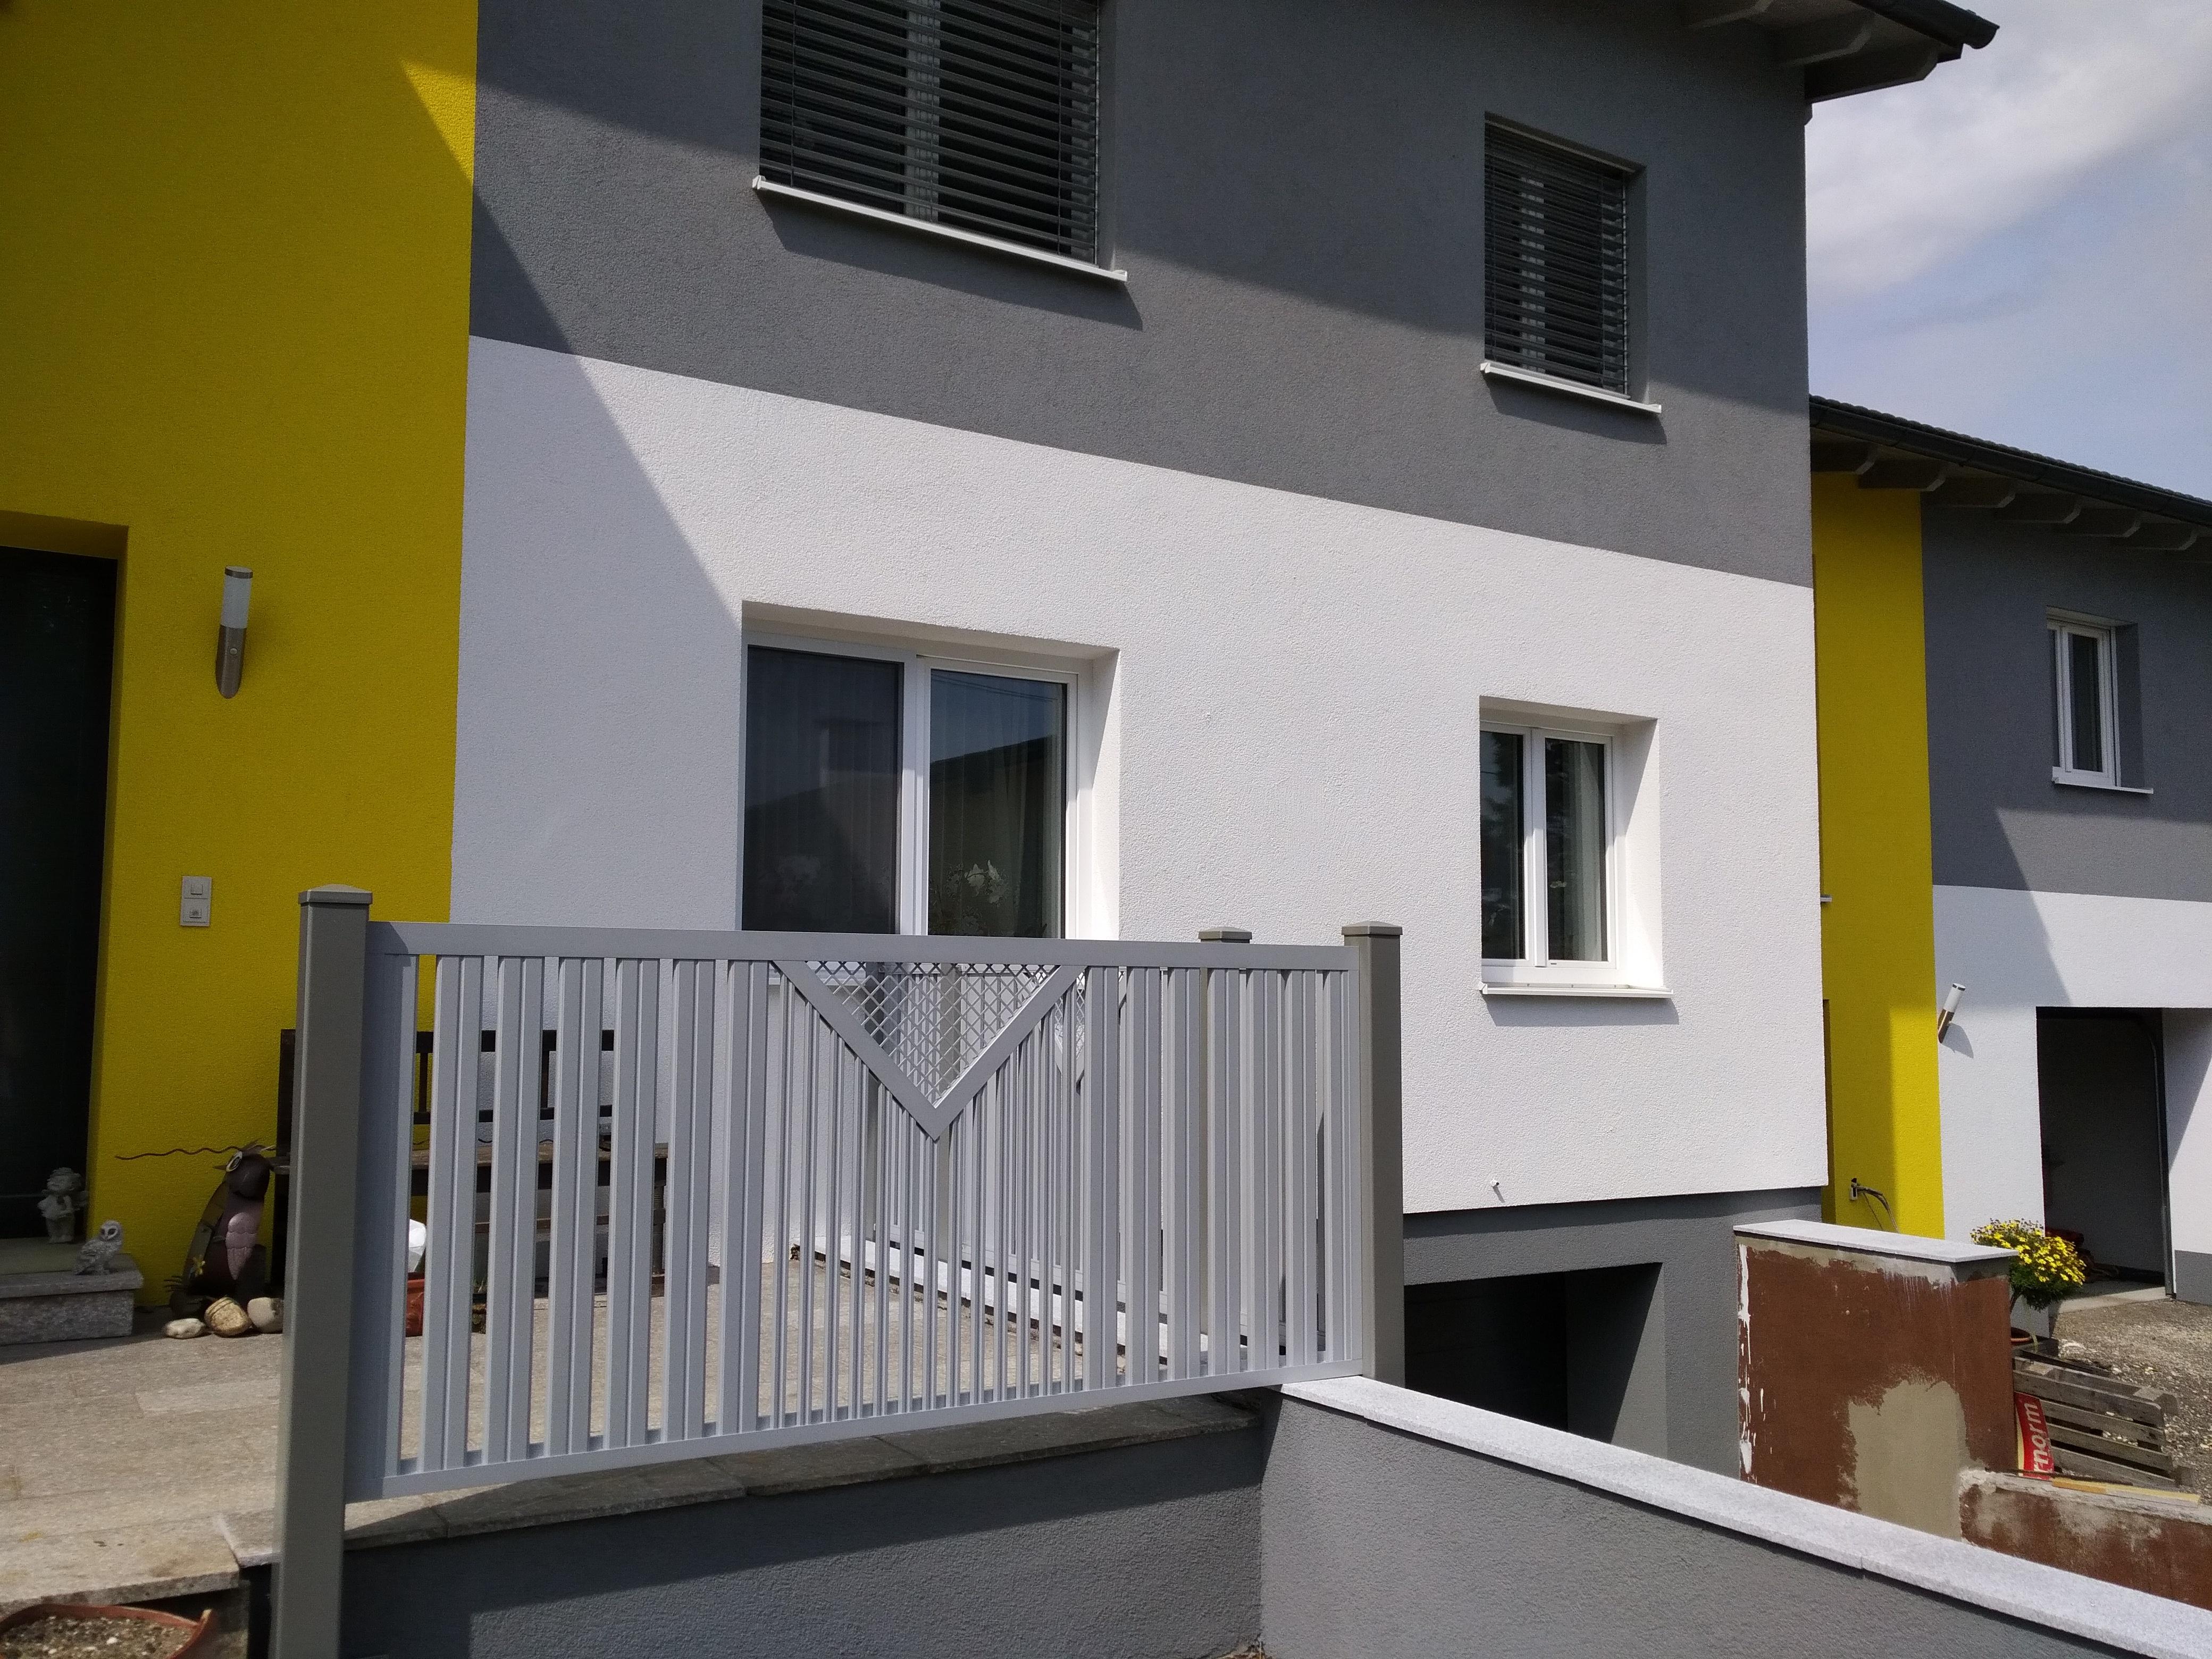 https://0501.nccdn.net/4_2/000/000/048/0a6/Aluminium-Balkon-Kitzb--hl1-4160x3120.jpg